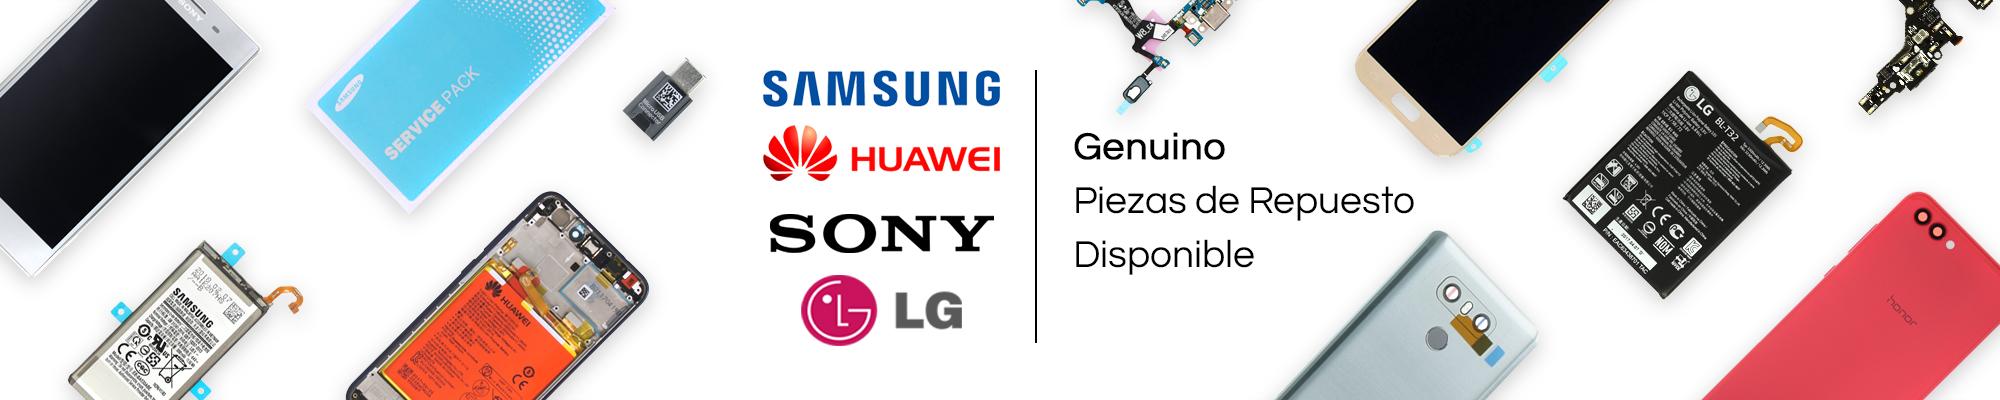 Genuino Piezas de Repuesto Disponible a GSM Parts Center